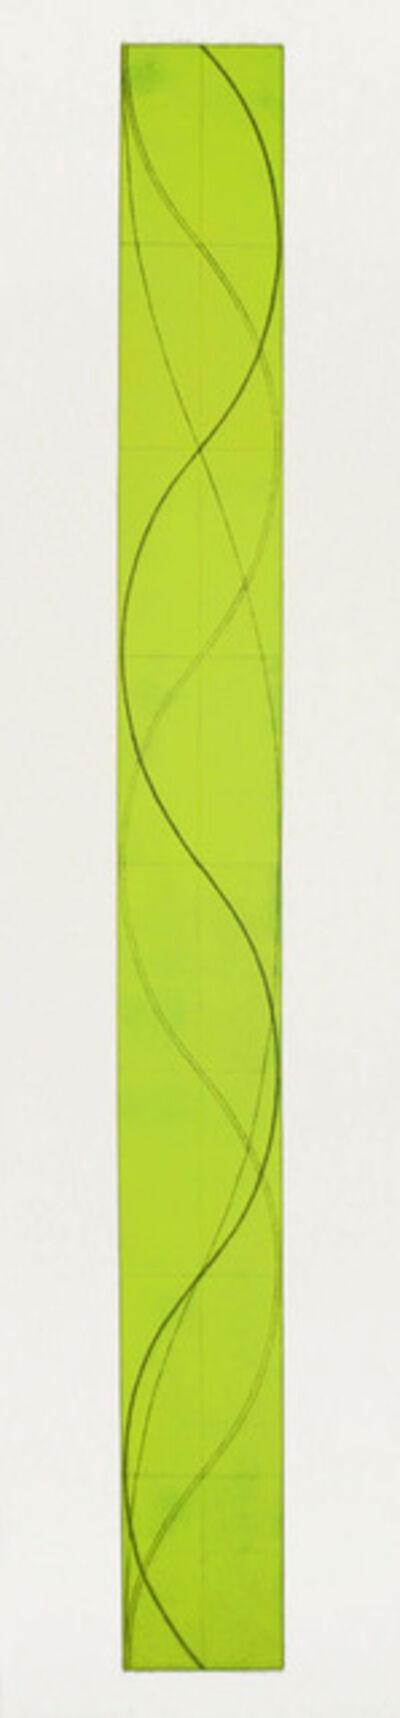 Robert Mangold (b.1937), 'Tall Column B', 2005